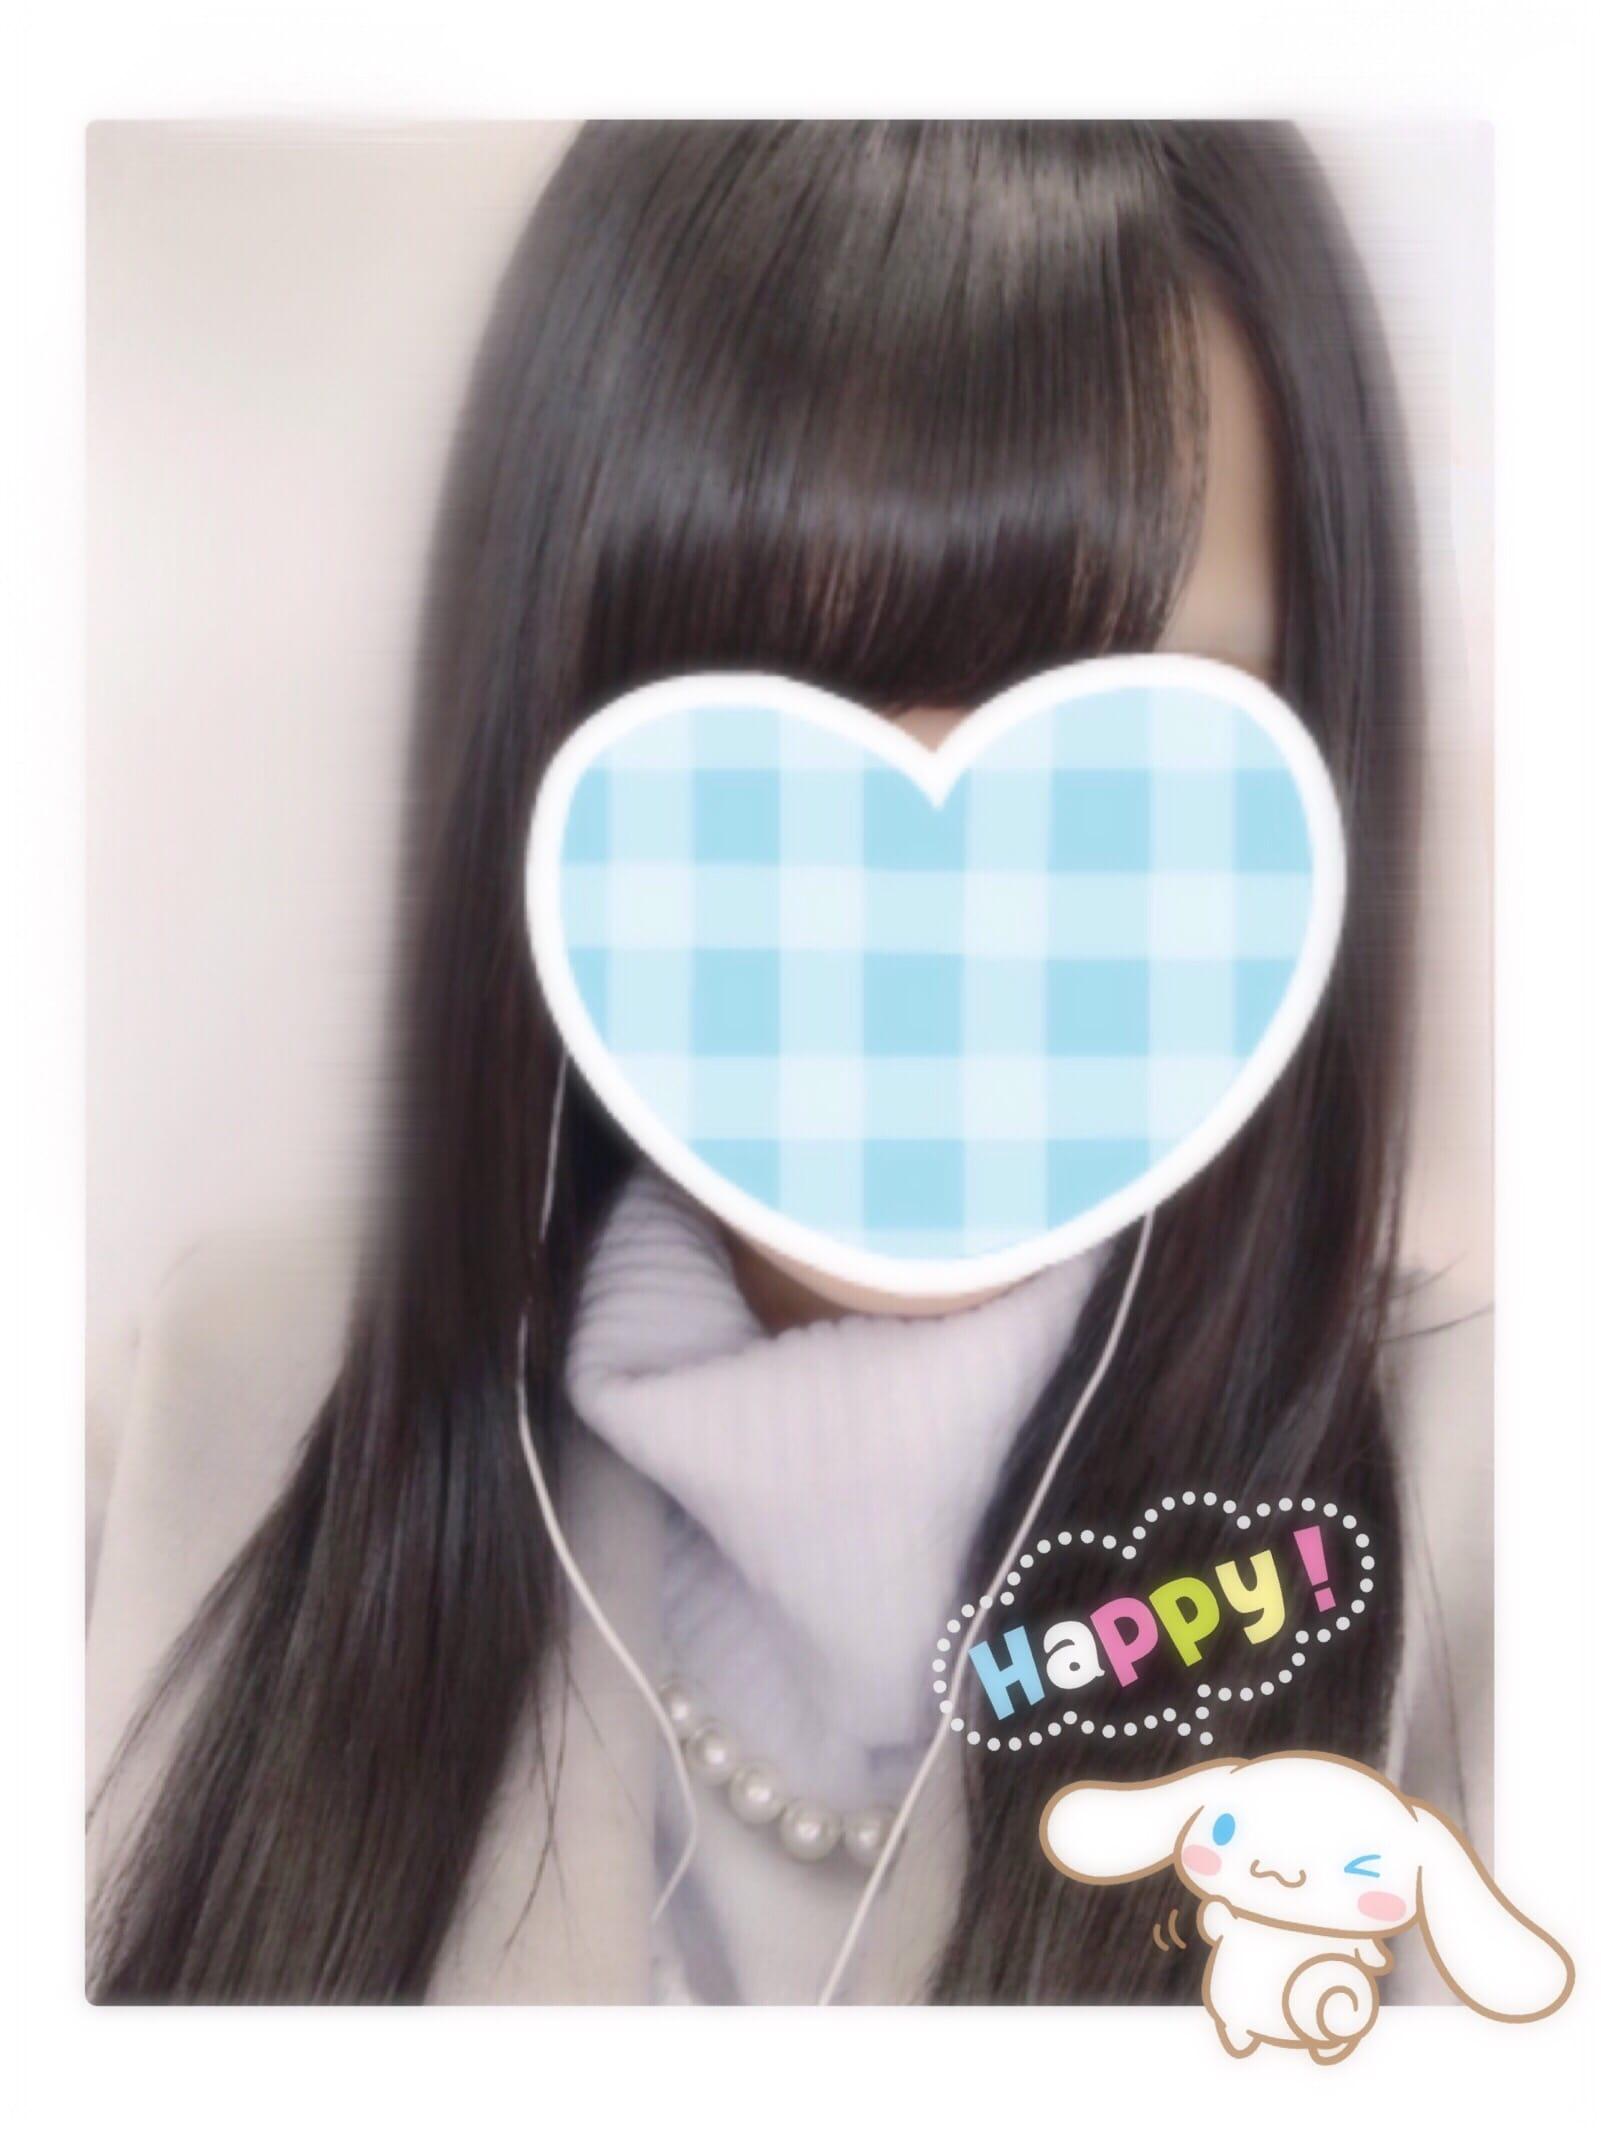 「ゆいかです(´ω`)」12/13(水) 15:54 | ゆいかの写メ・風俗動画